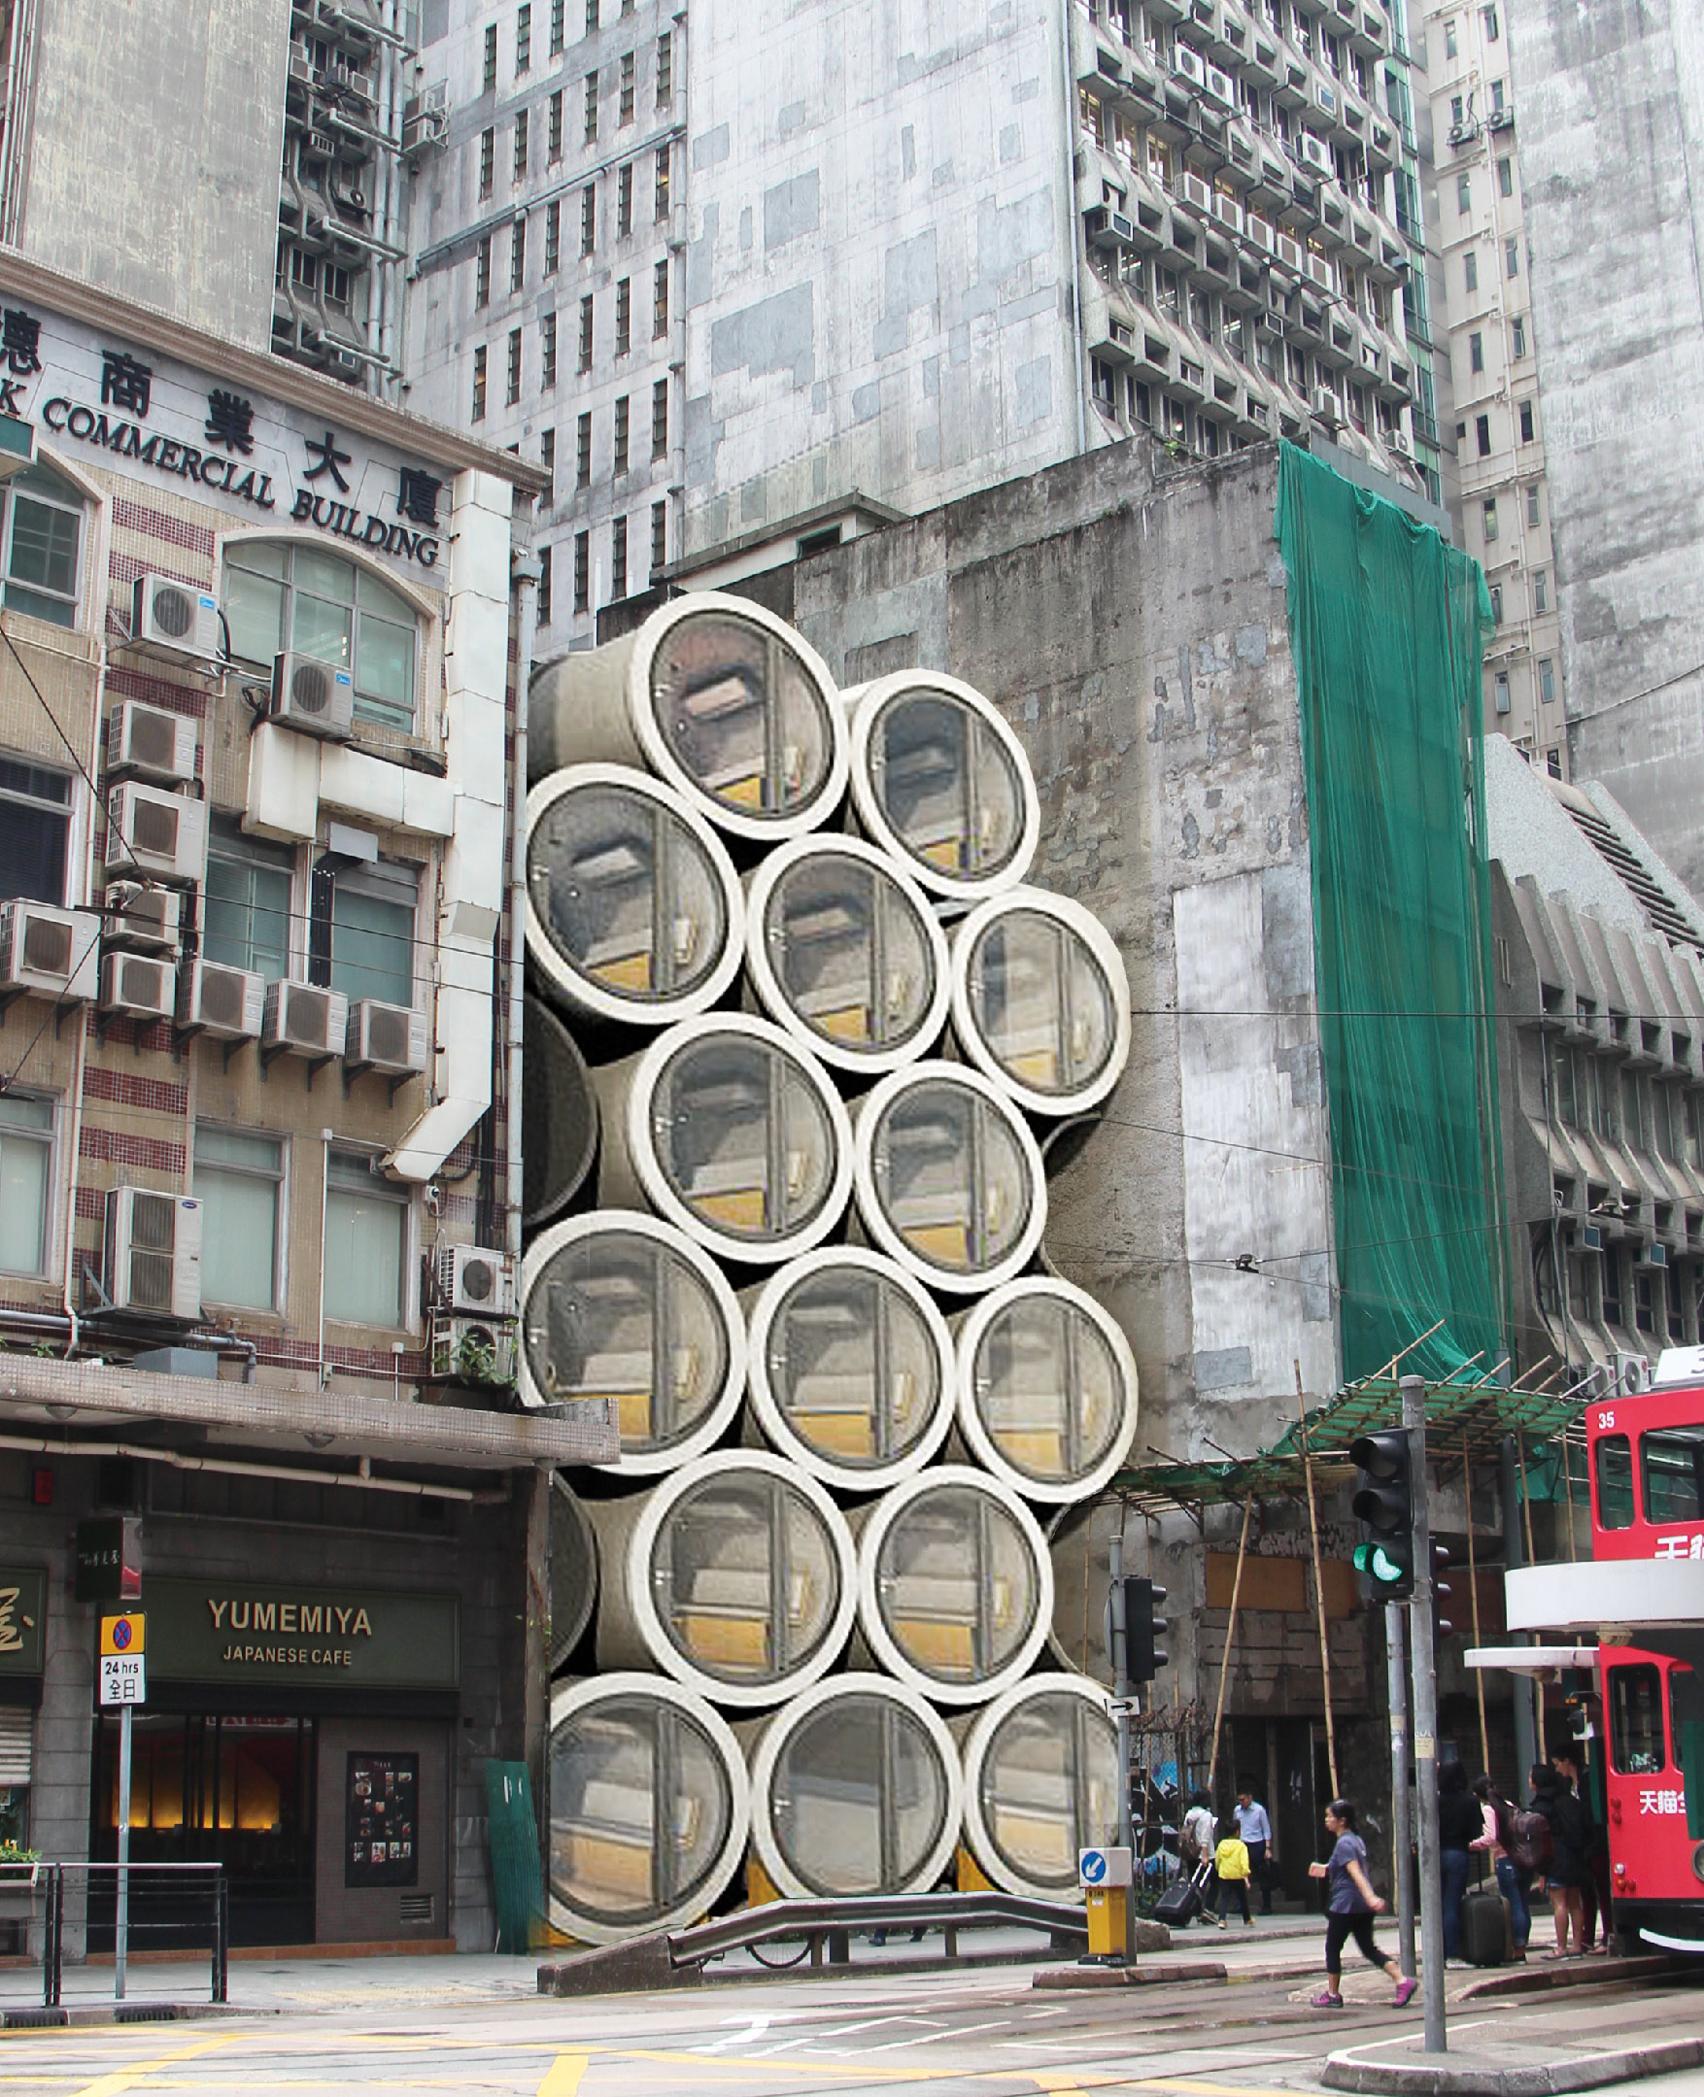 As casas poderiam ser empilhadas no centro da cidade